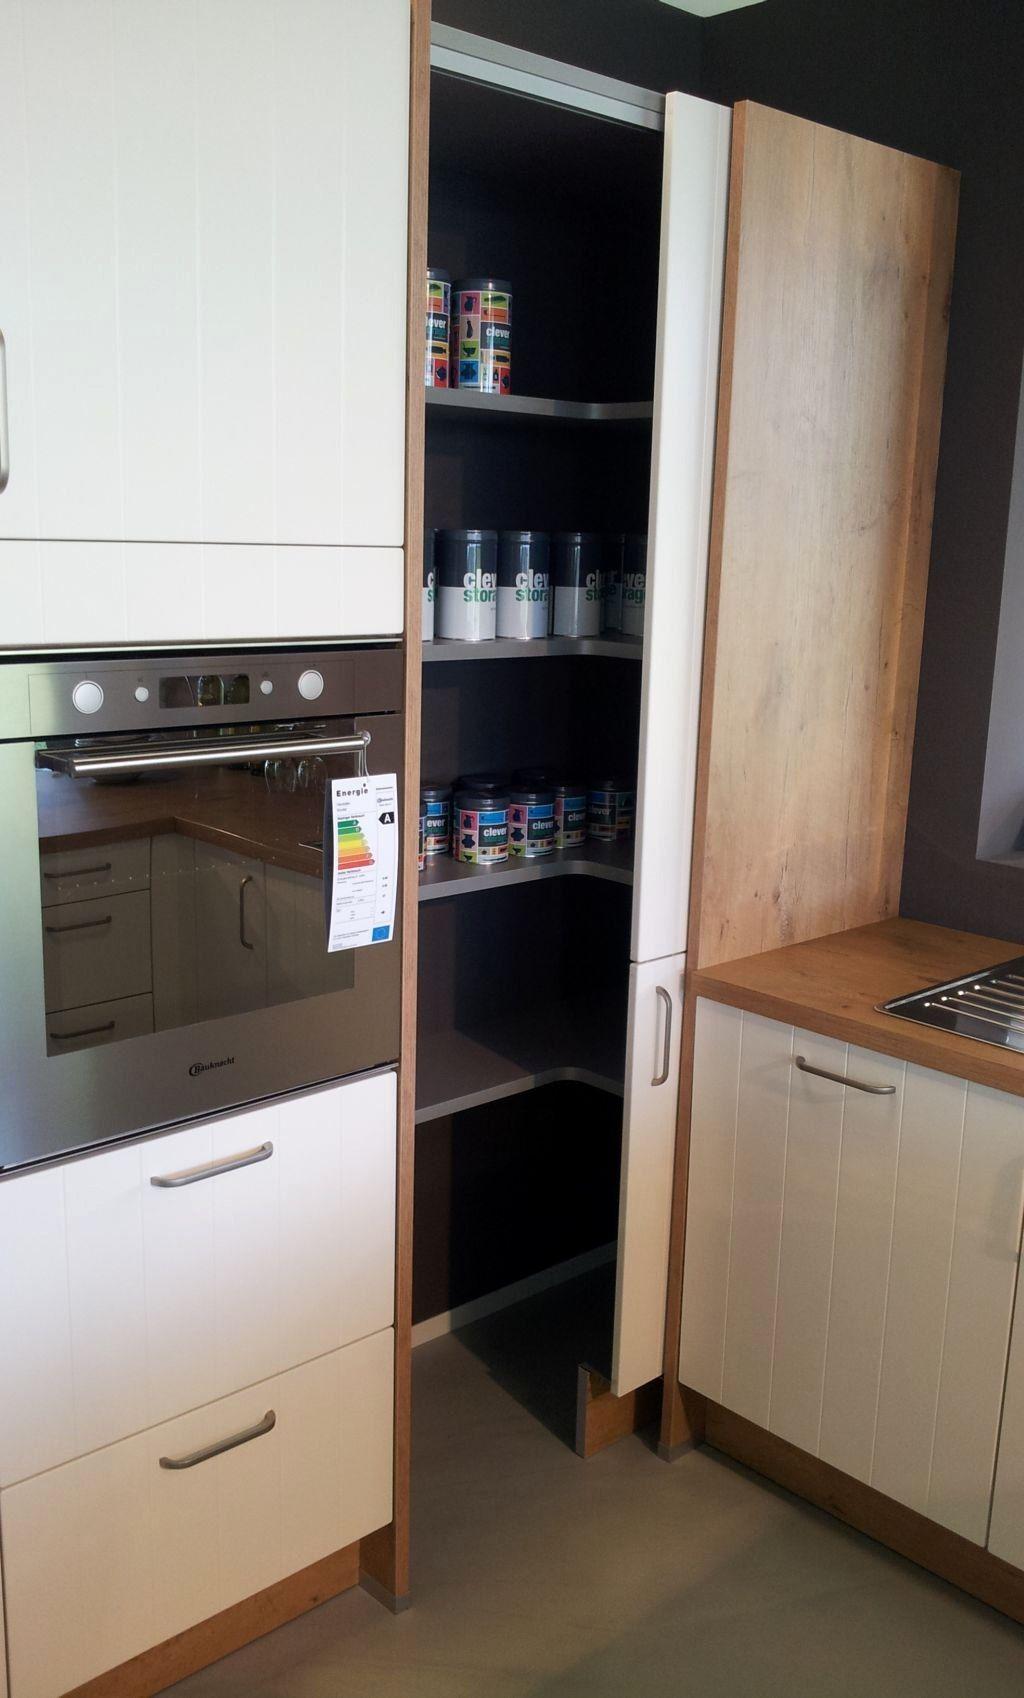 Eckschrank Küche Einbruchschutz Fenster Nachrüsten Einbruchsicher Schlafzimmer Zwangsbelüftung Sicherheitsbeschläge Bad